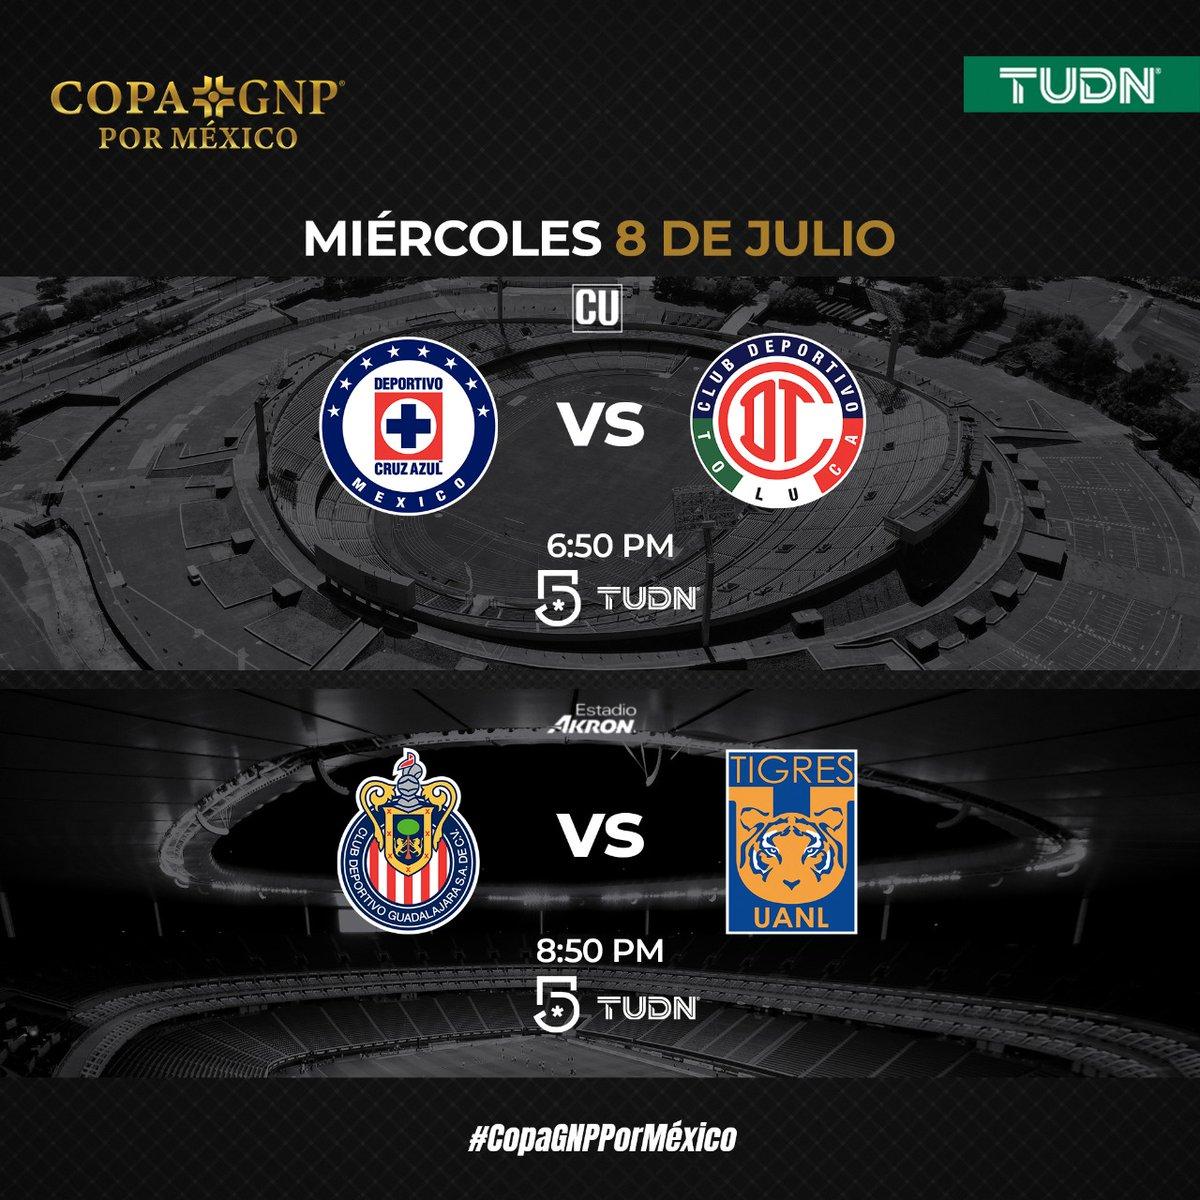 El fútbol mexicano está de regreso. Sigue a tu equipo favorito en #TUDN ⚽  Disfruta la #CopaGNPPorMéxico 🏆  Miércoles 8   🚂 @CruzAzulCD  🆚 @TolucaFC  👿  🐐 @Chivas 🆚 @TigresOficial 🐯   @TUDNMEX  | @MiCanal5